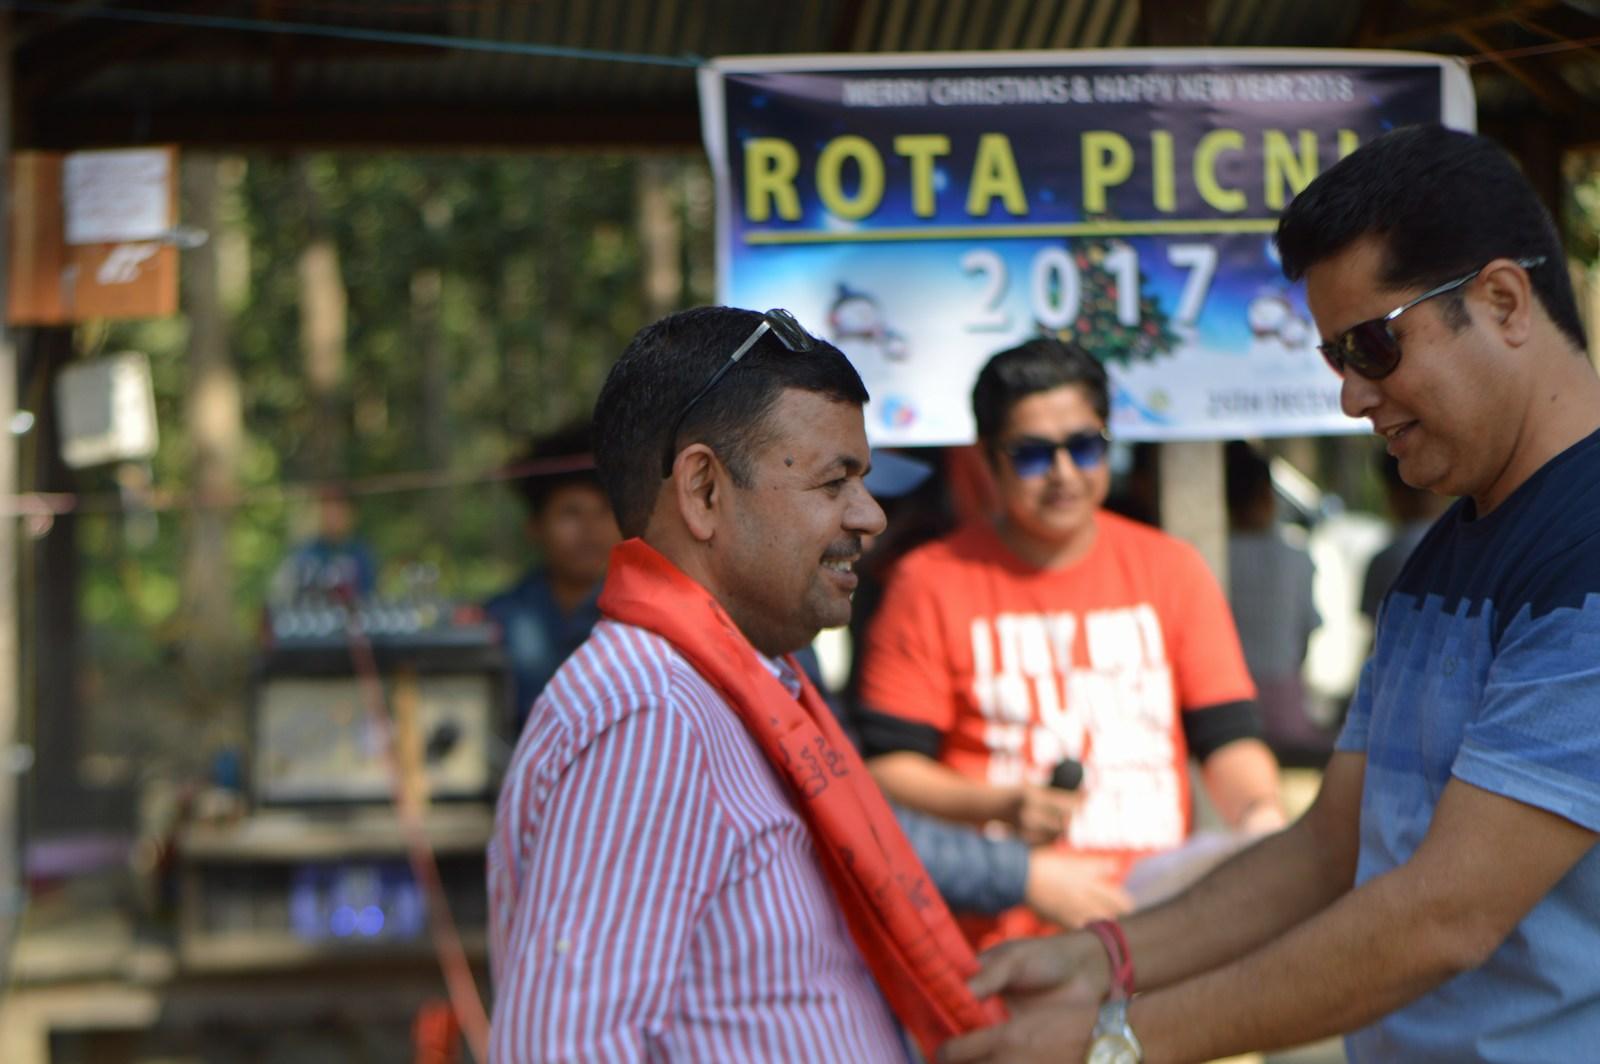 Rota-Picnic-2017-Rotary-Club-of-Kakarvitta-87